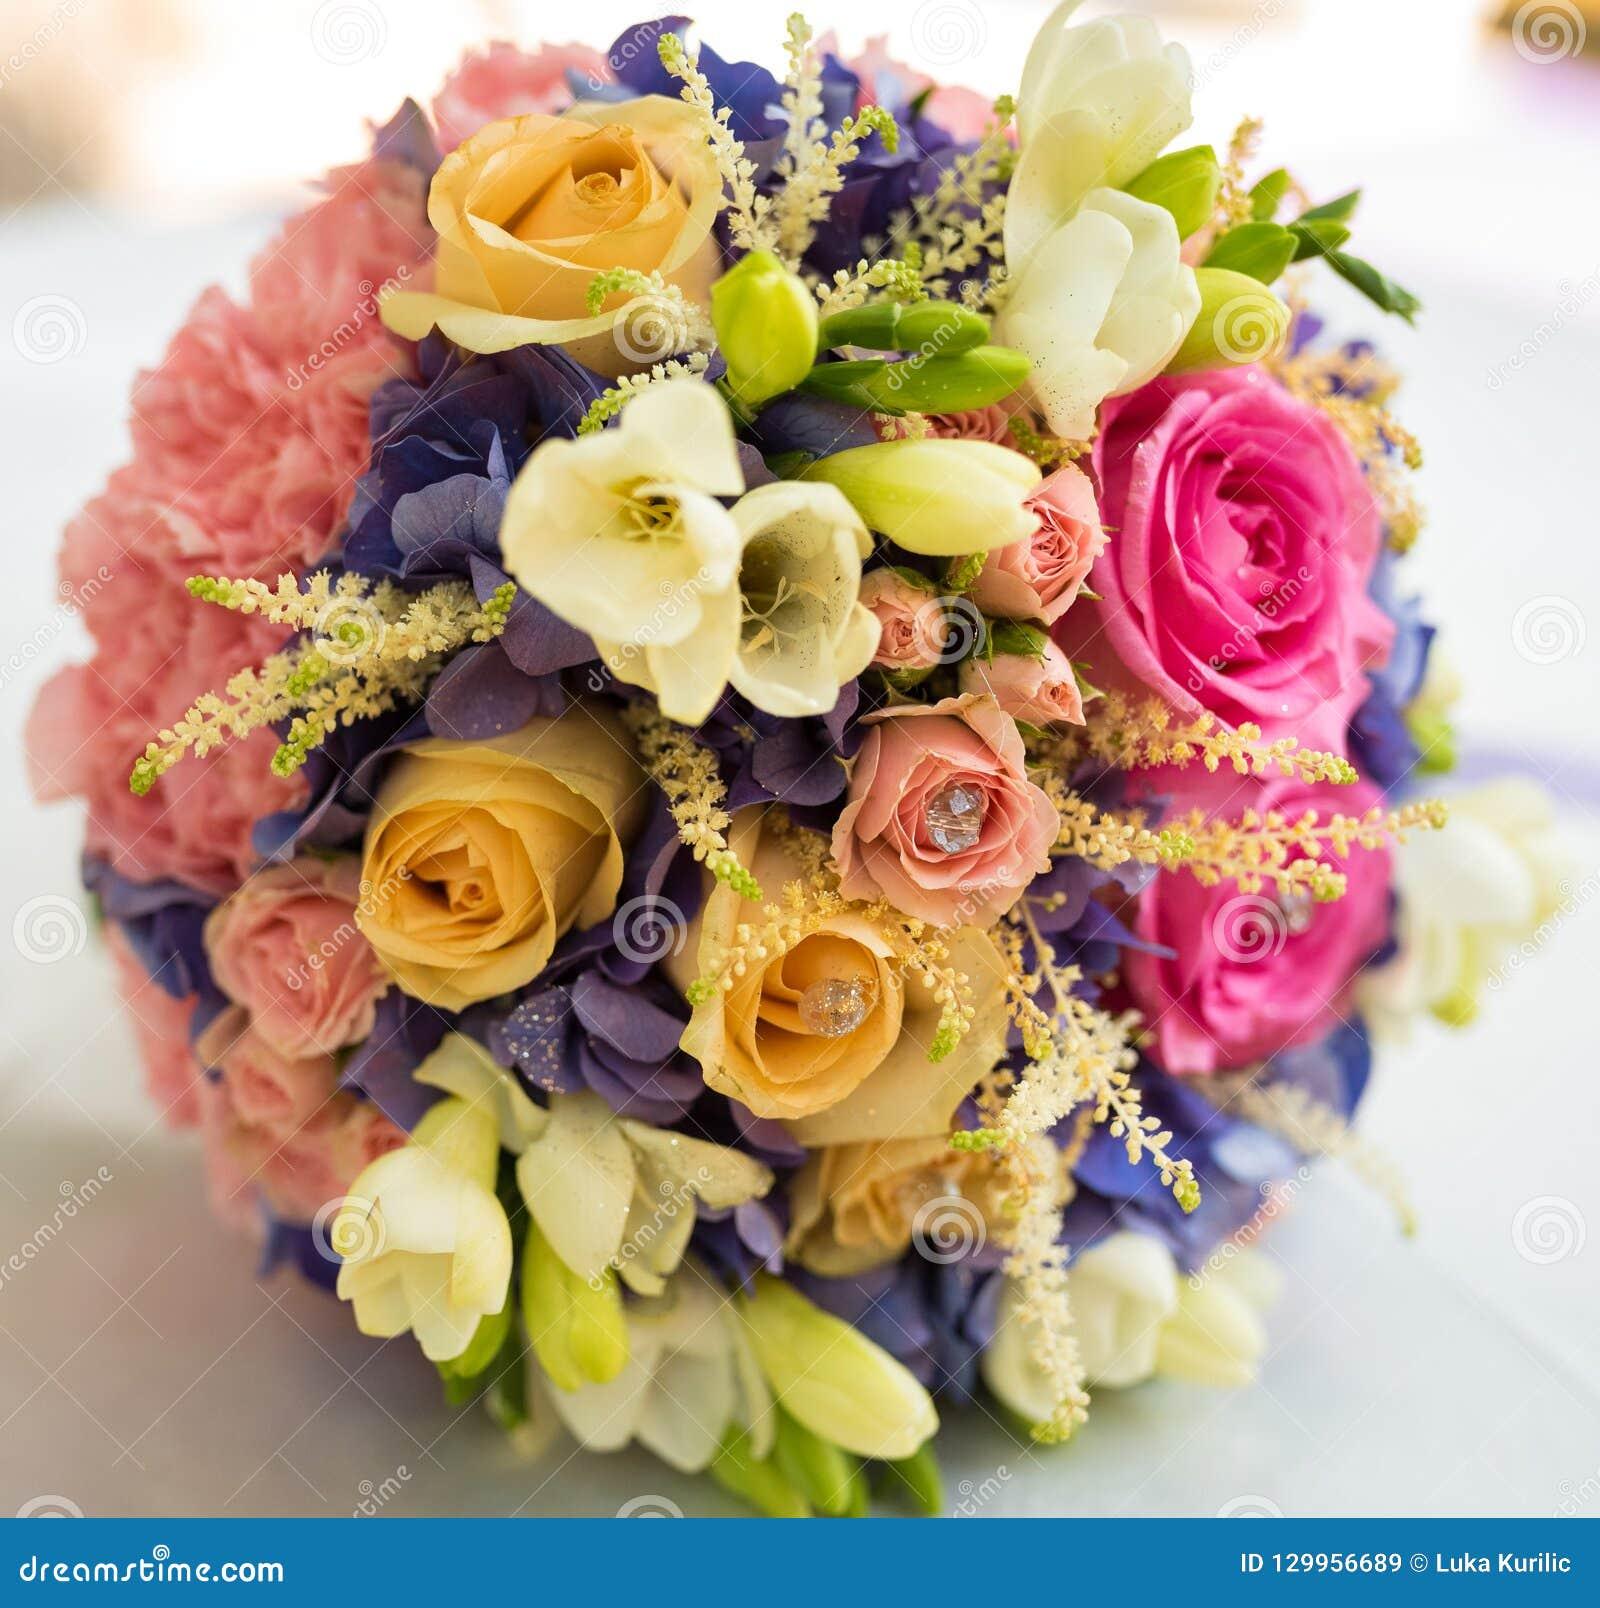 Een huwelijksboeket met een verscheidenheid van bloemen en partijen van kleuren